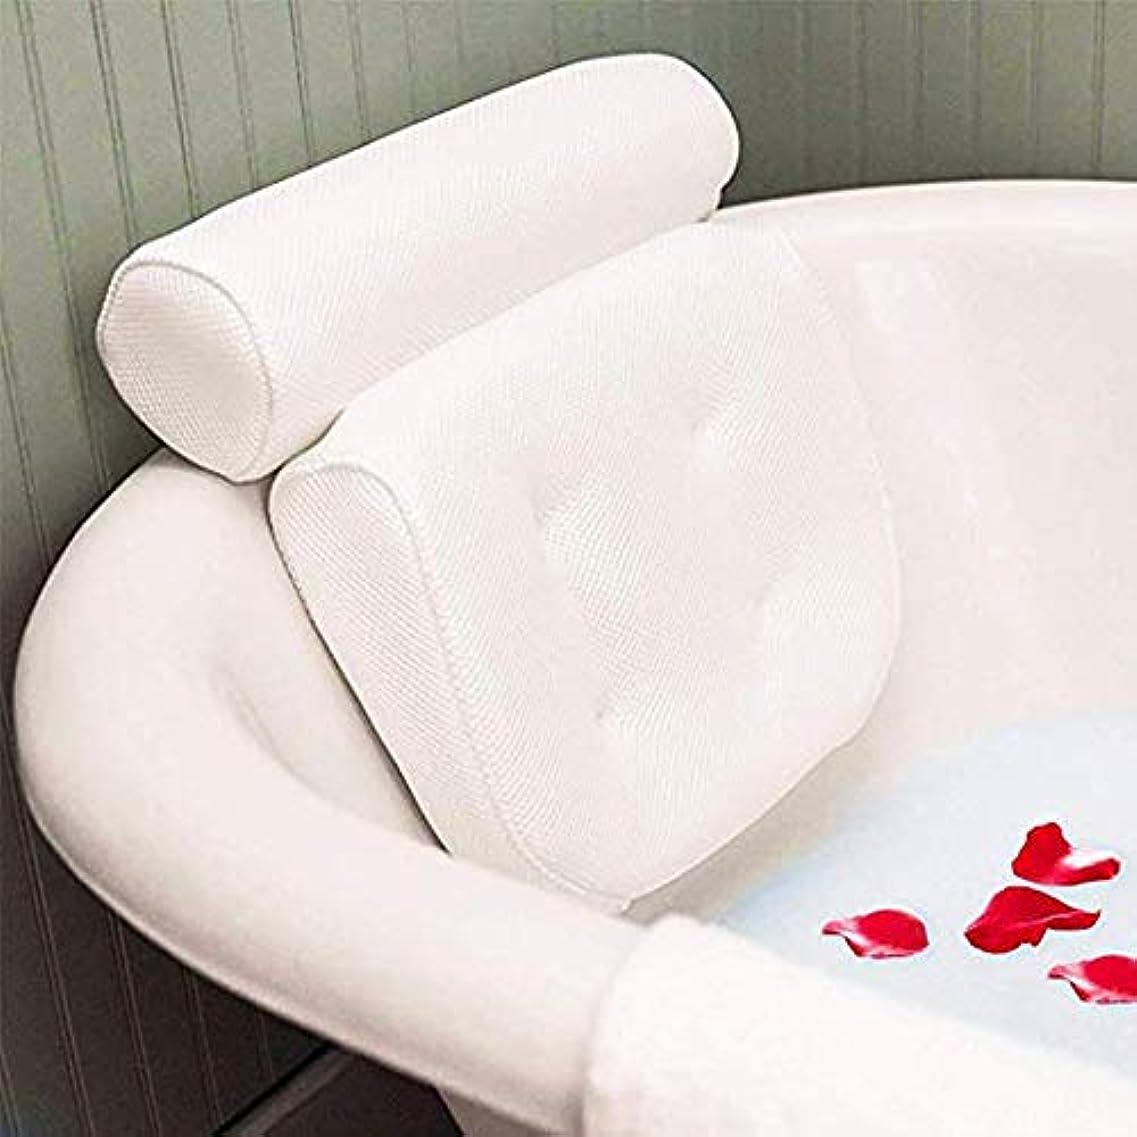 到着する道徳教育デイジー頭、首、肩と背中のサポートが付いている浴槽スパ枕、滑り止め4大型サクションカップはどんな浴槽にもフィットし、抗菌性です。,White